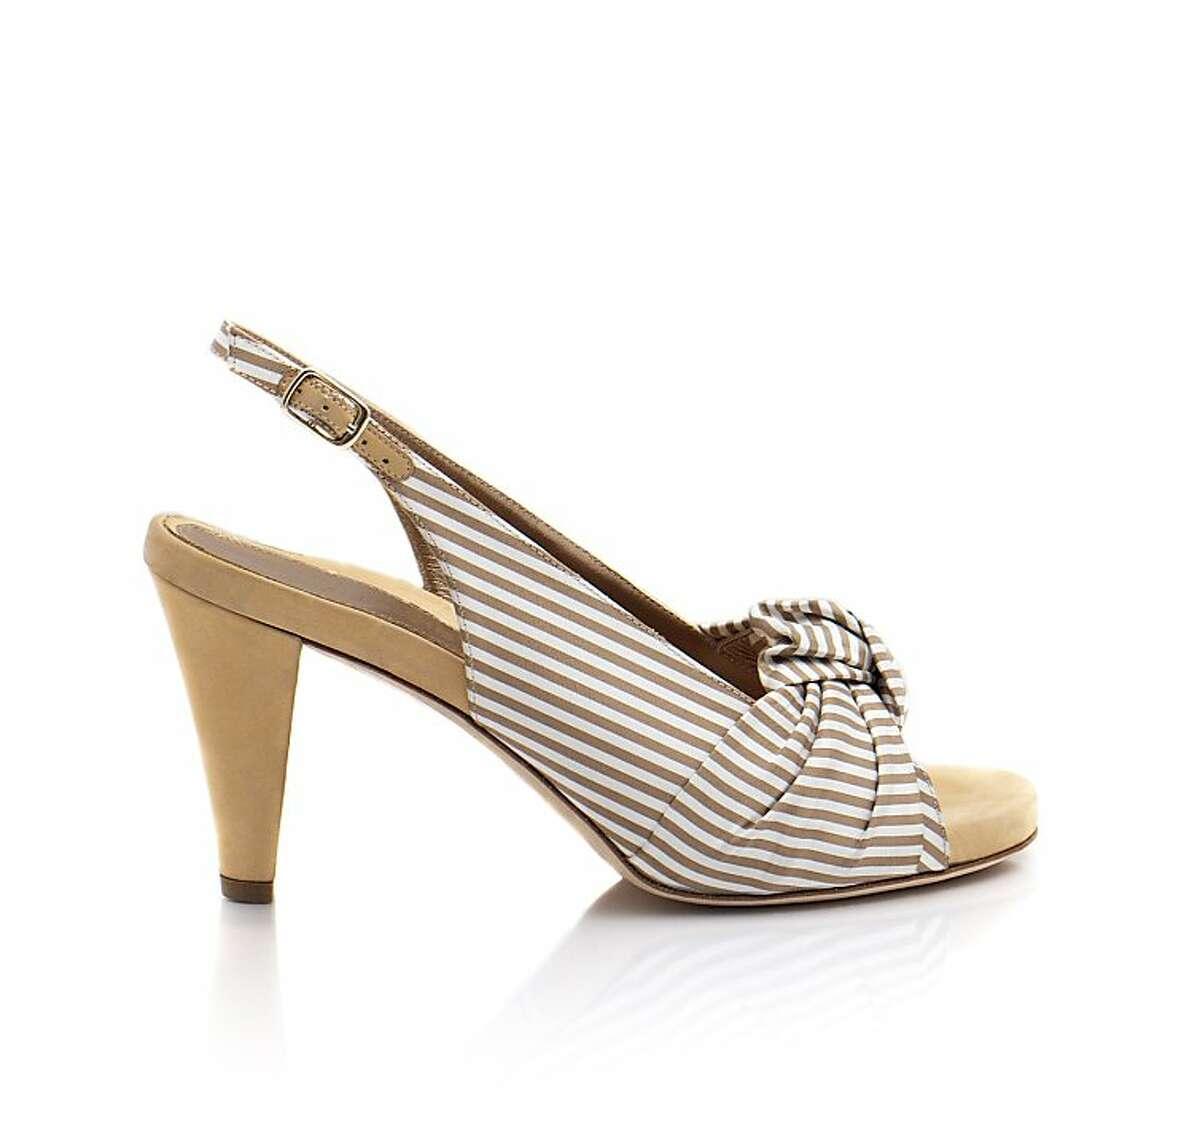 The Lavender pinstripe peep-toe ($375) from shoe designer Dana Davis comes in black or tan.